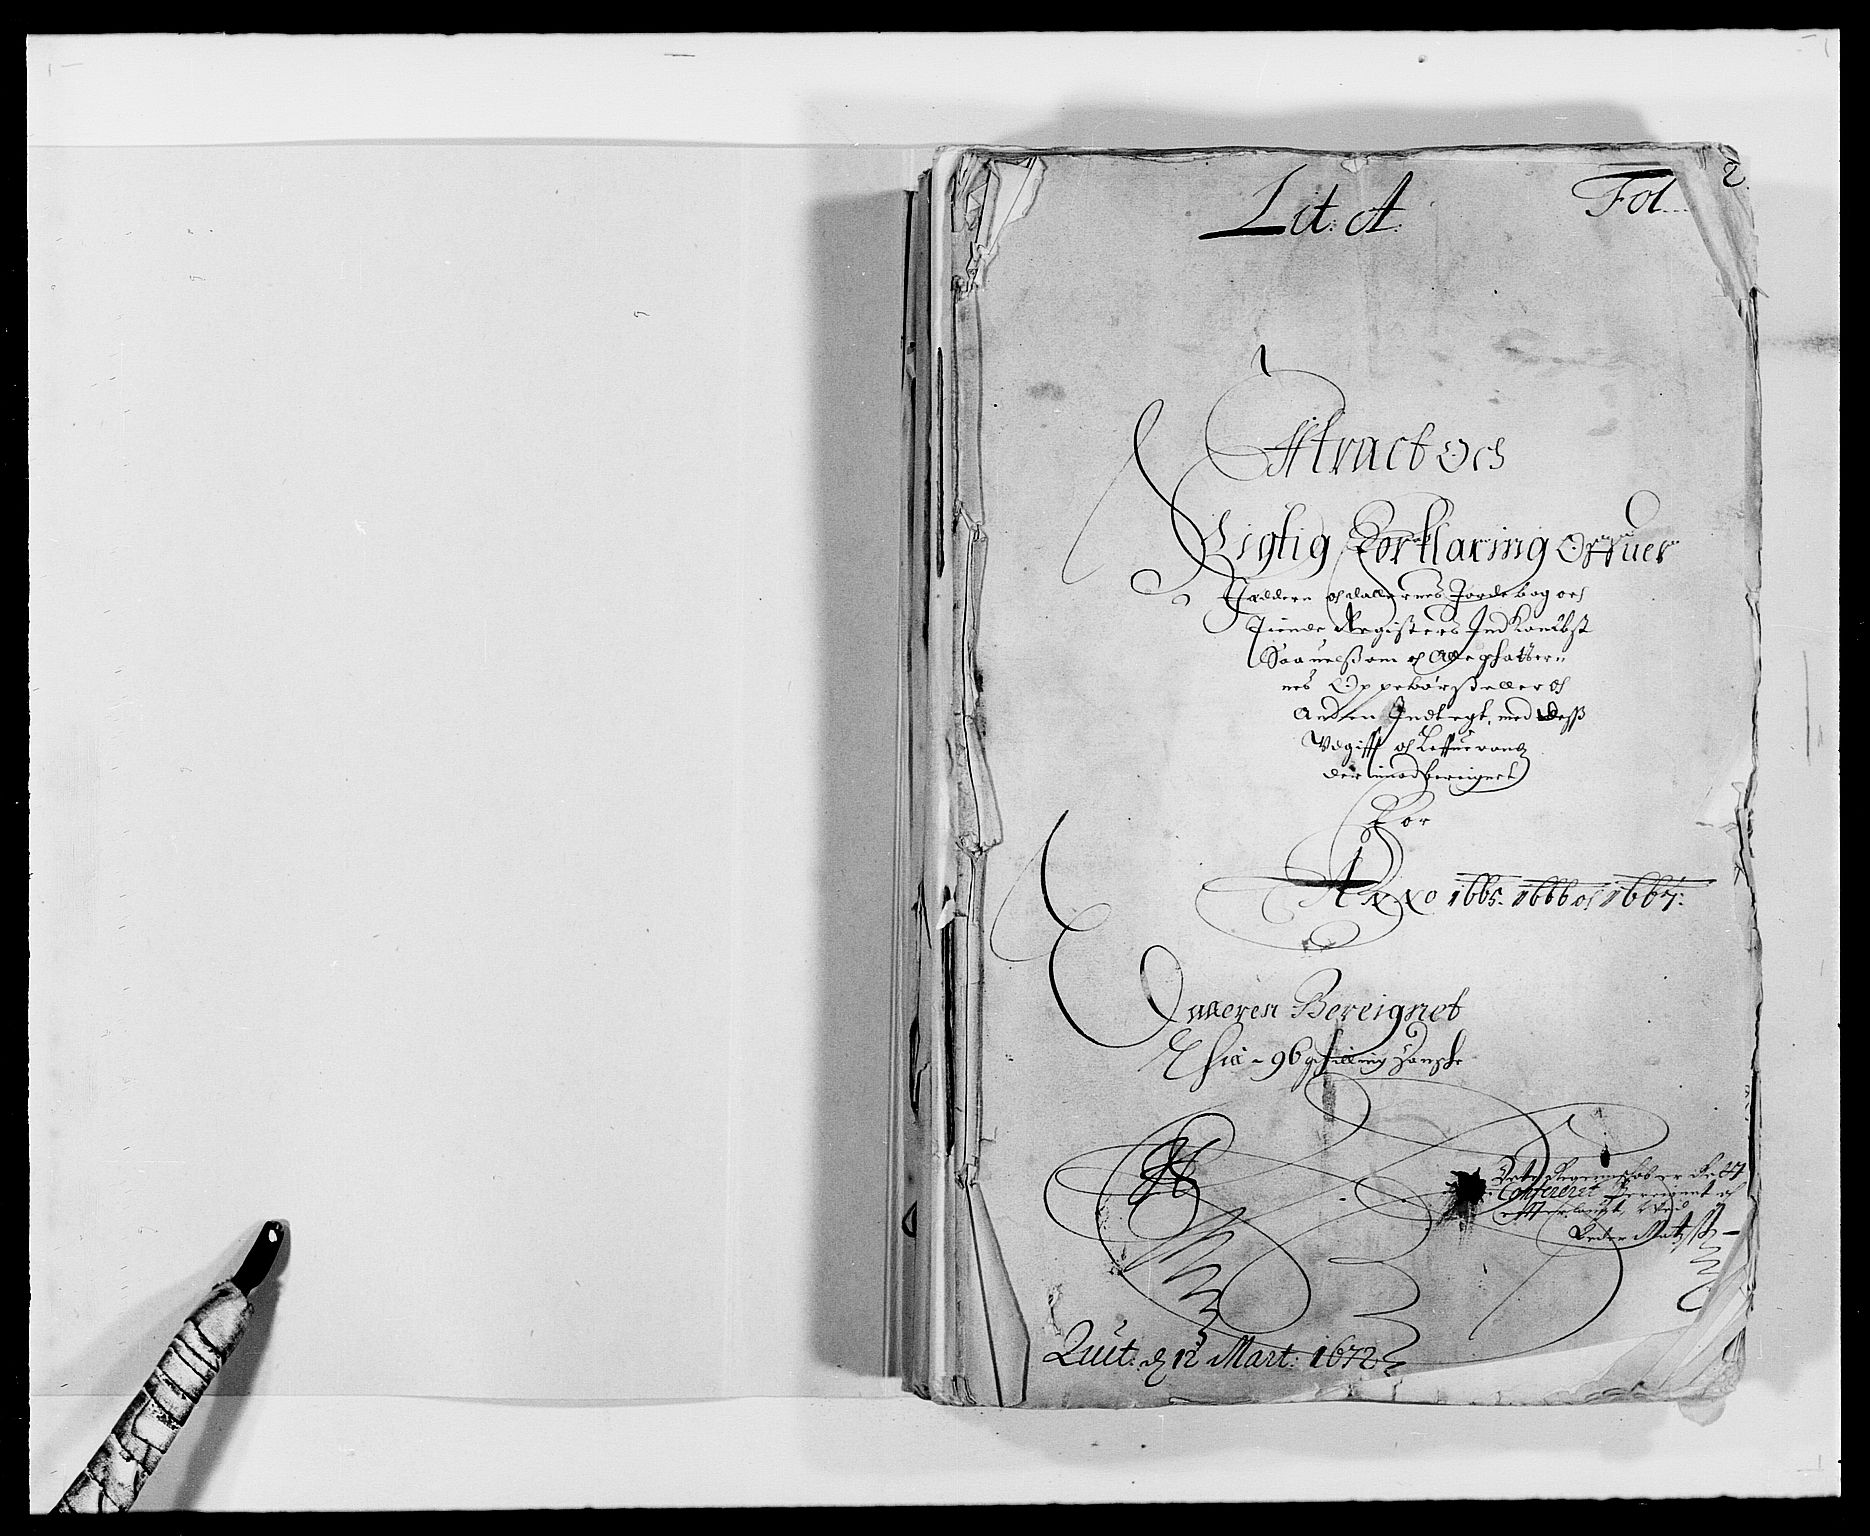 RA, Rentekammeret inntil 1814, Reviderte regnskaper, Fogderegnskap, R46/L2709: Fogderegnskap Jæren og Dalane, 1665-1667, s. 2